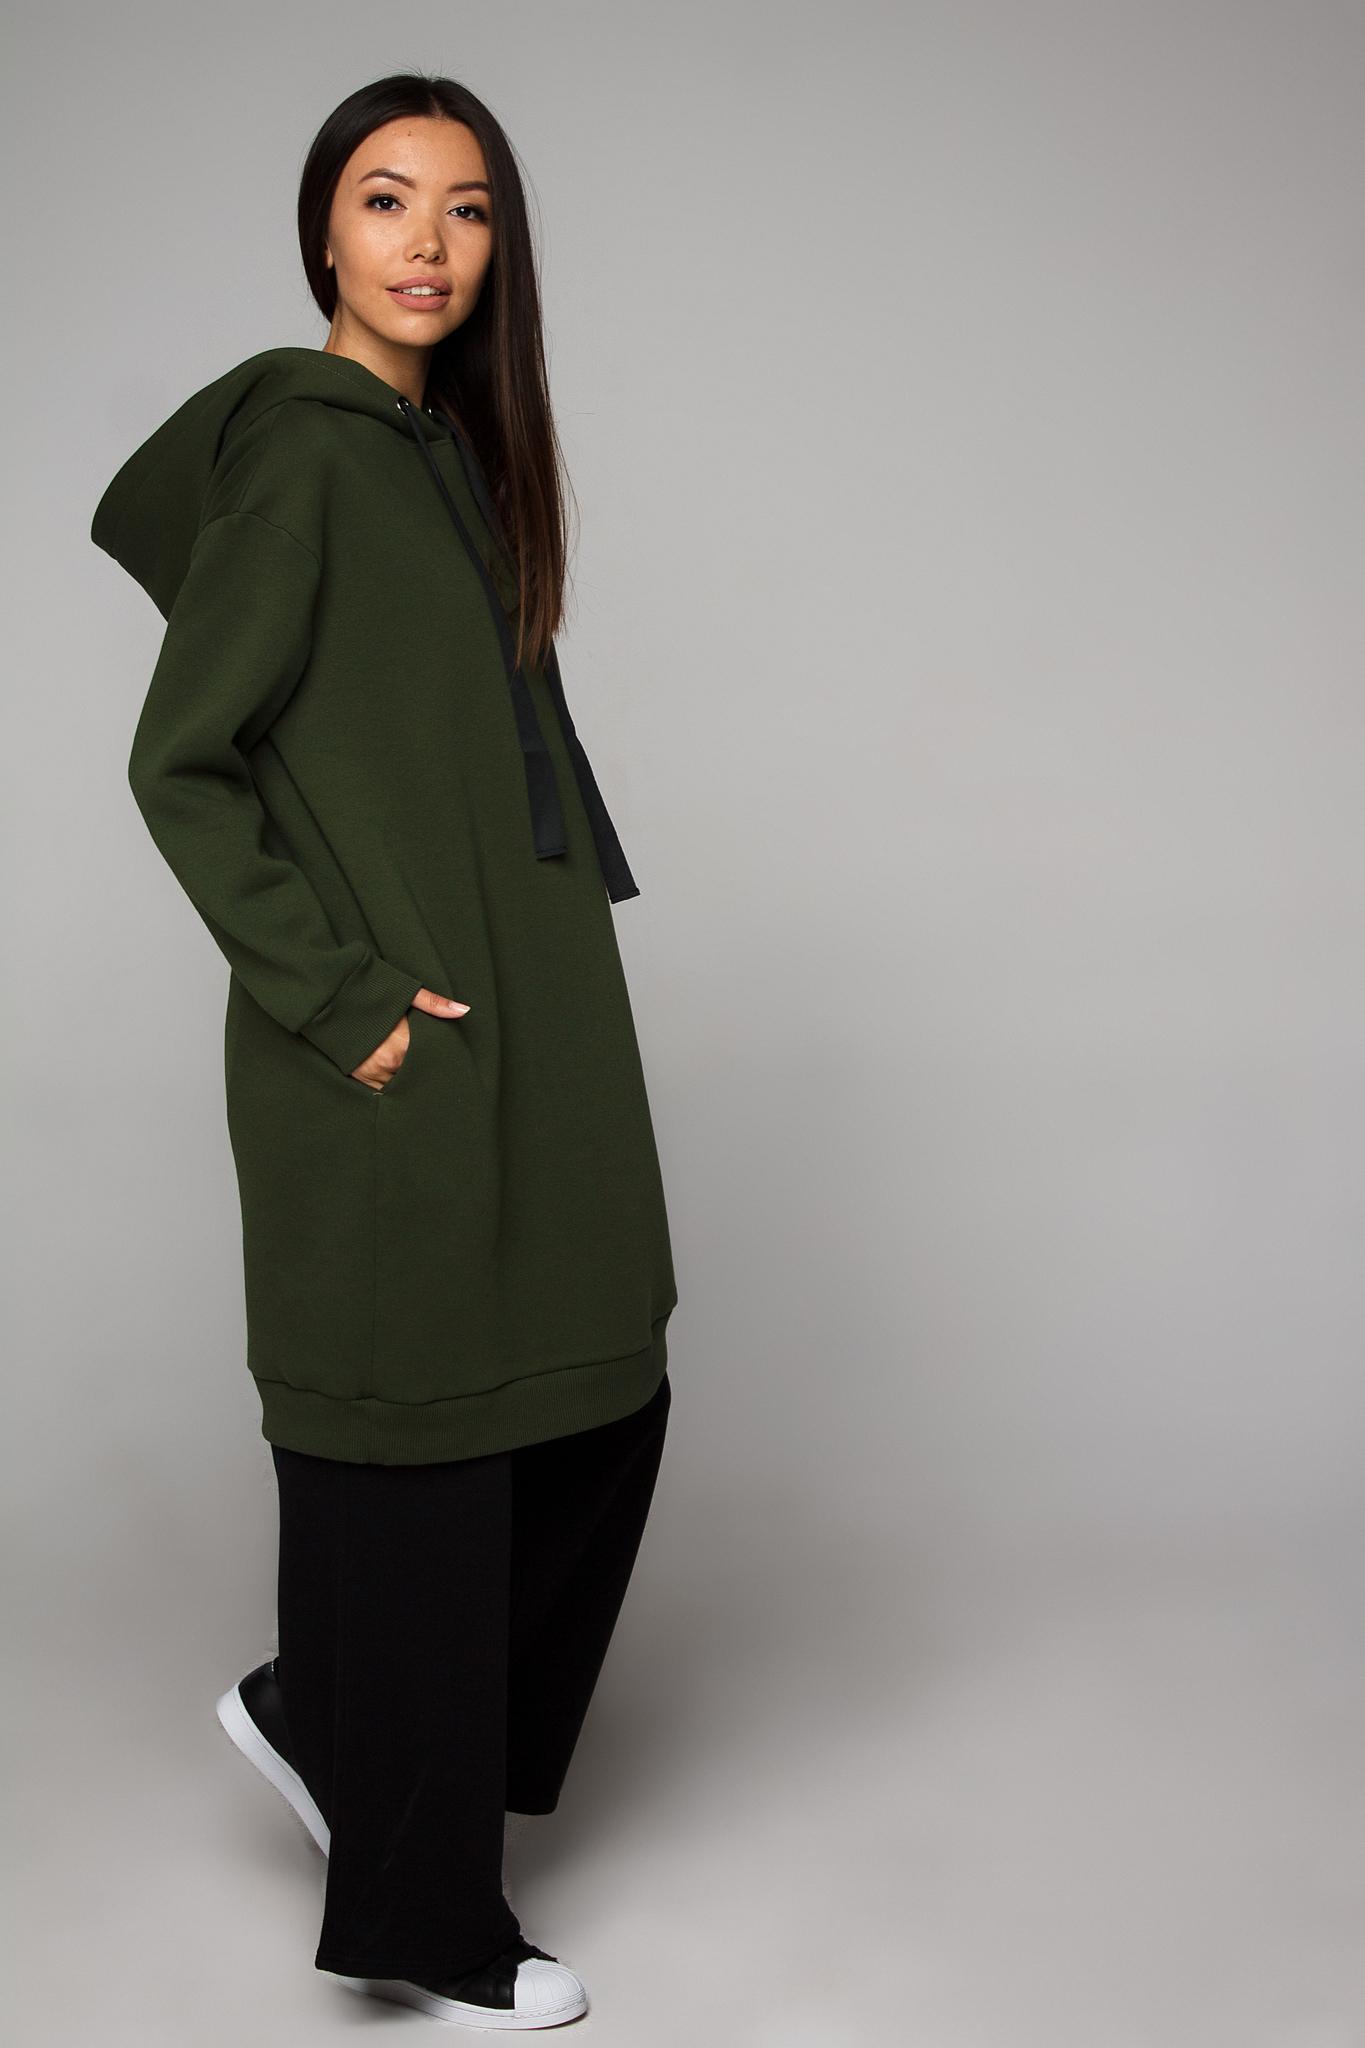 Платье-худи оливковое с начесом YOS от украинского бренда Your Own Style